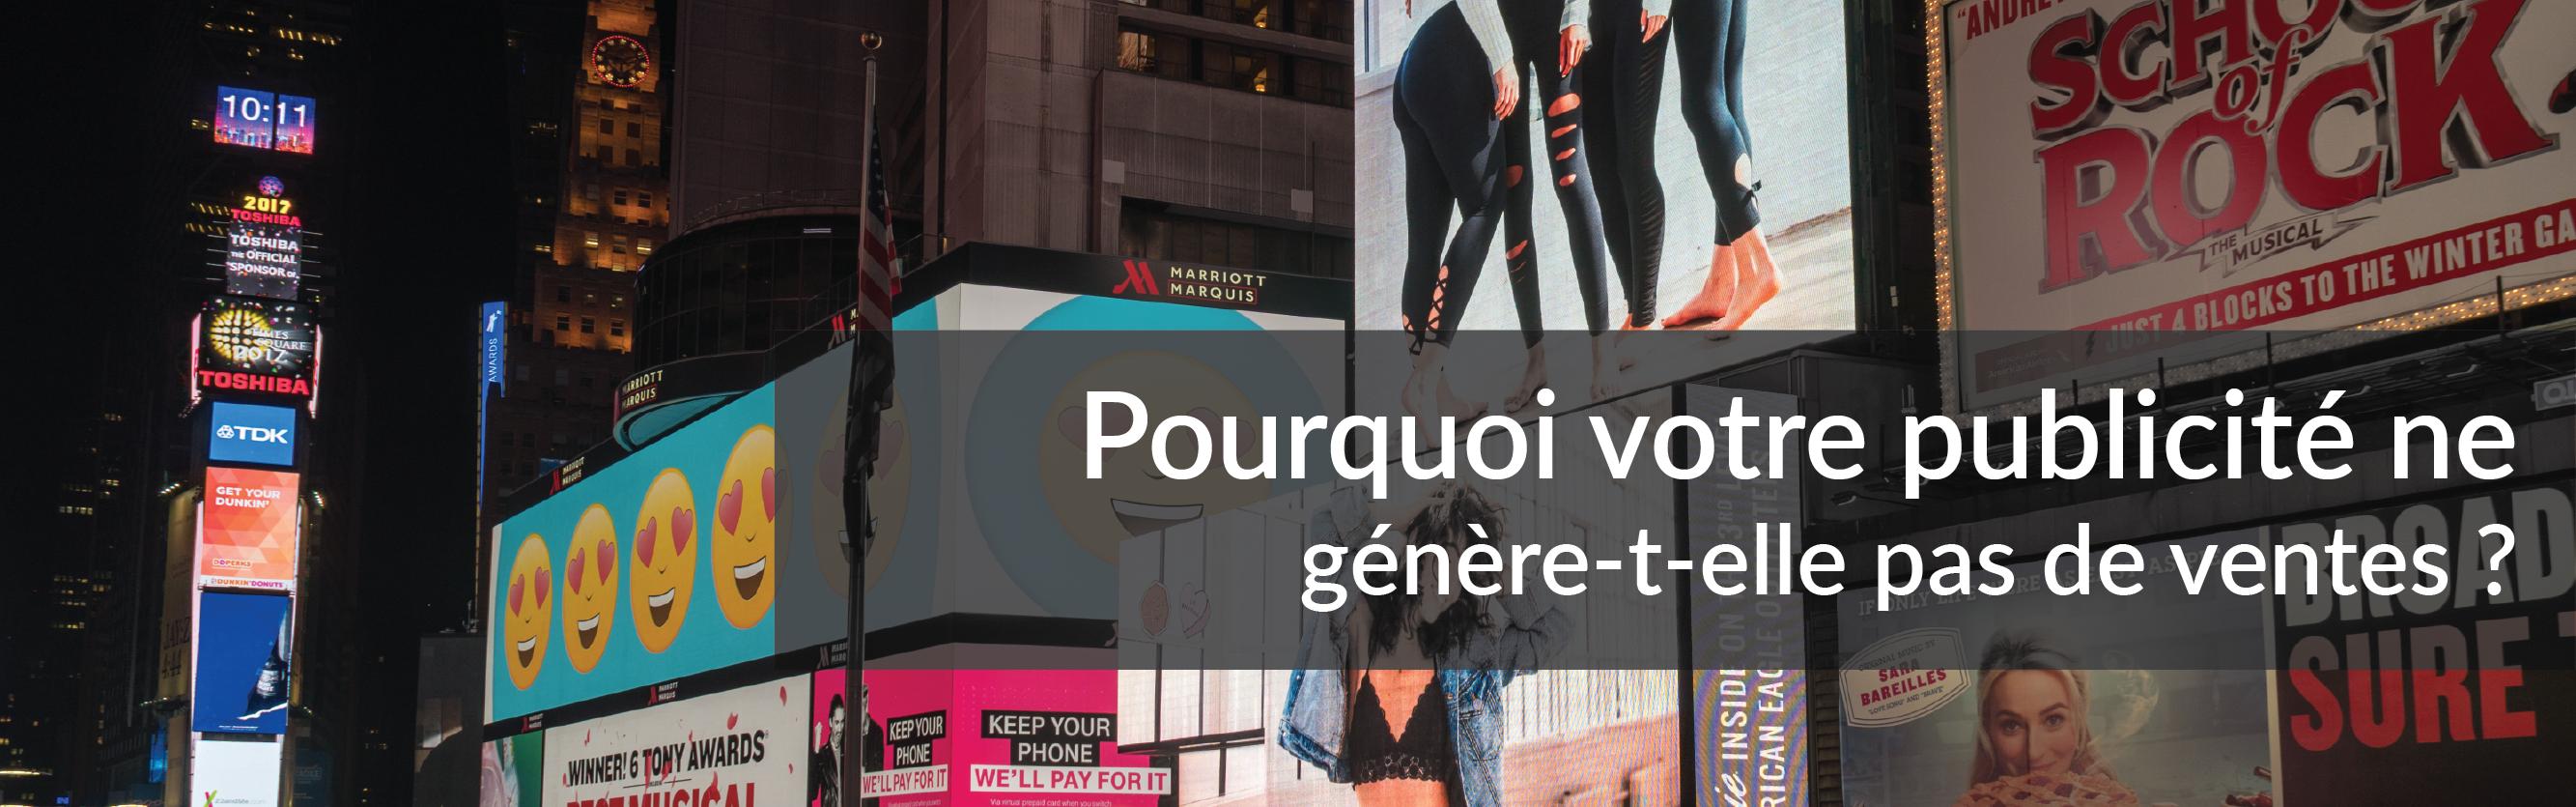 Pourquoi votre publicité ne génère-t-elle pas de ventes ? | Studio Grafik